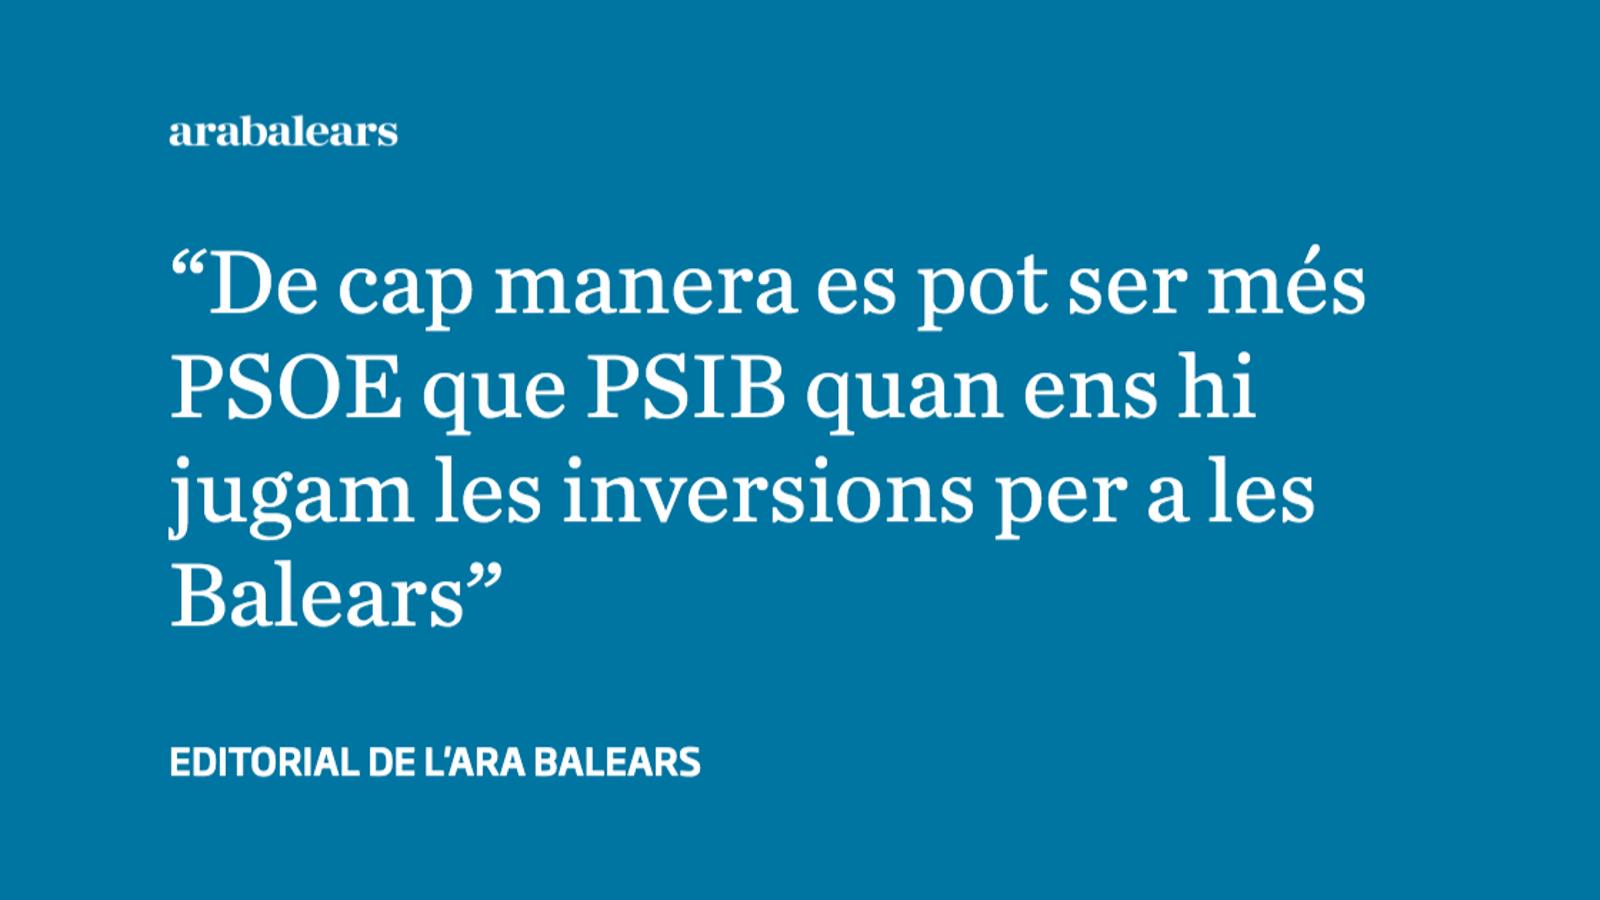 No es pot ser més PSOE que PSIB quan ens hi jugam les inversions